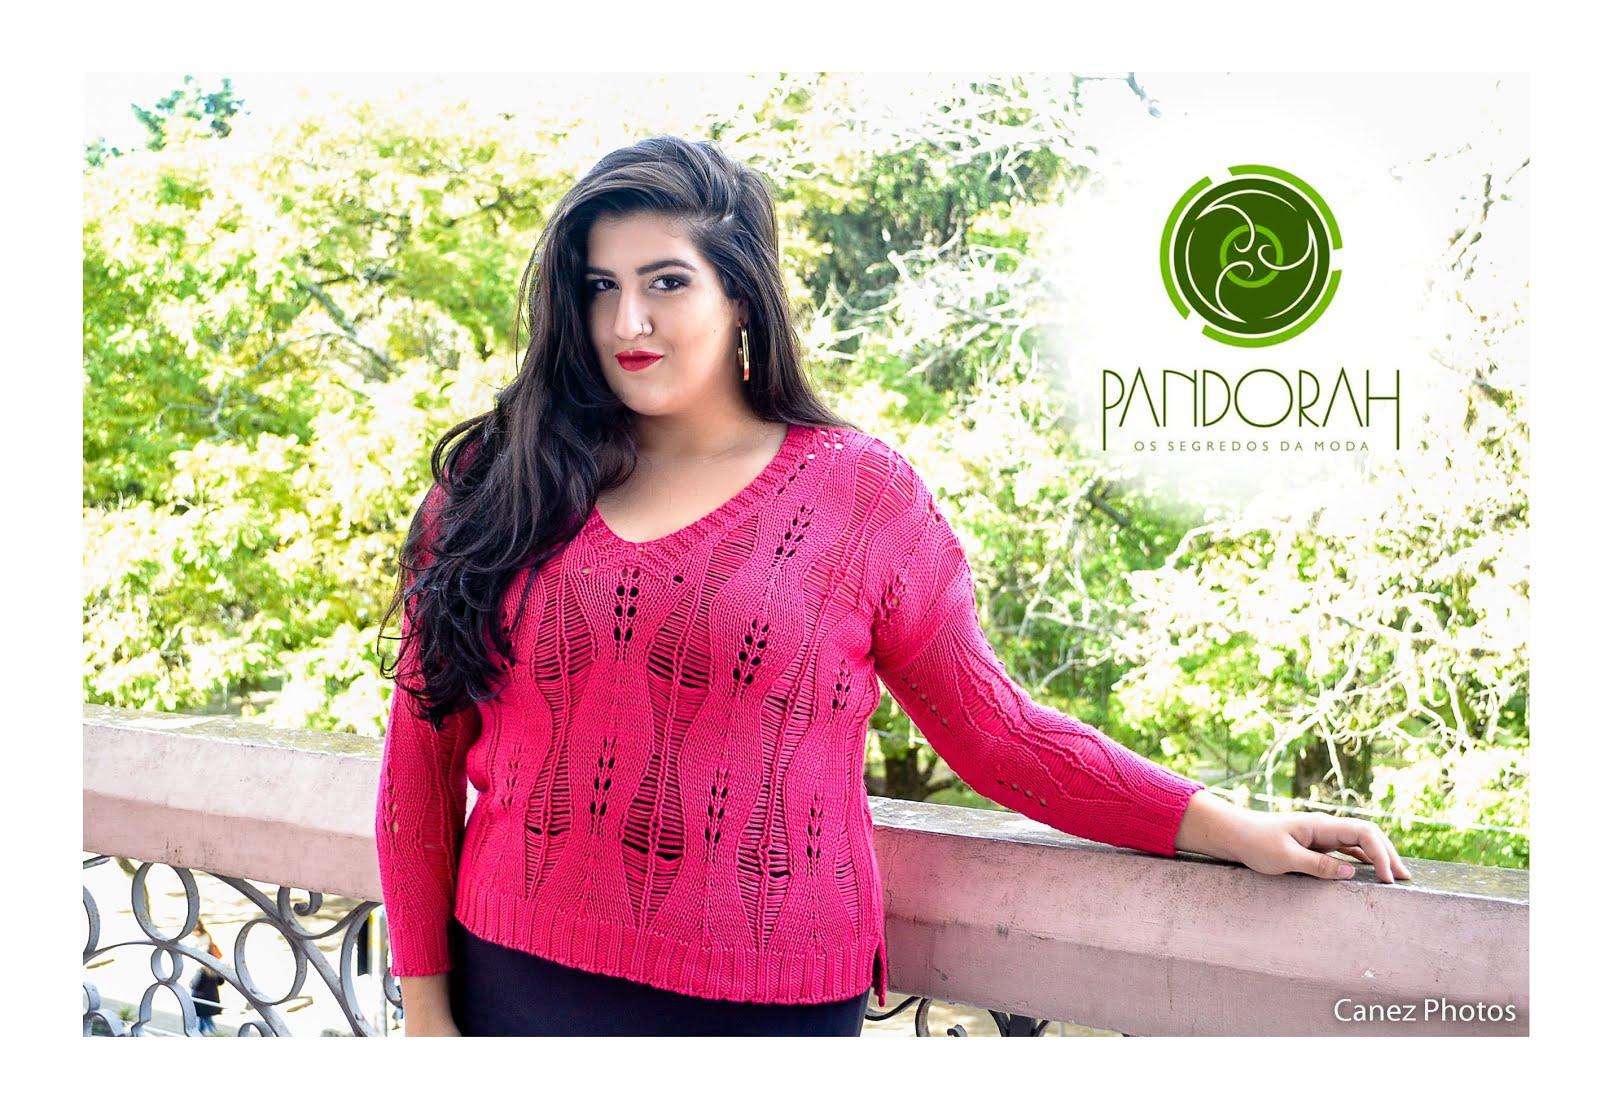 Veja a coleção de Malhas Plus Size Pandorah Modas - Inverno 2015